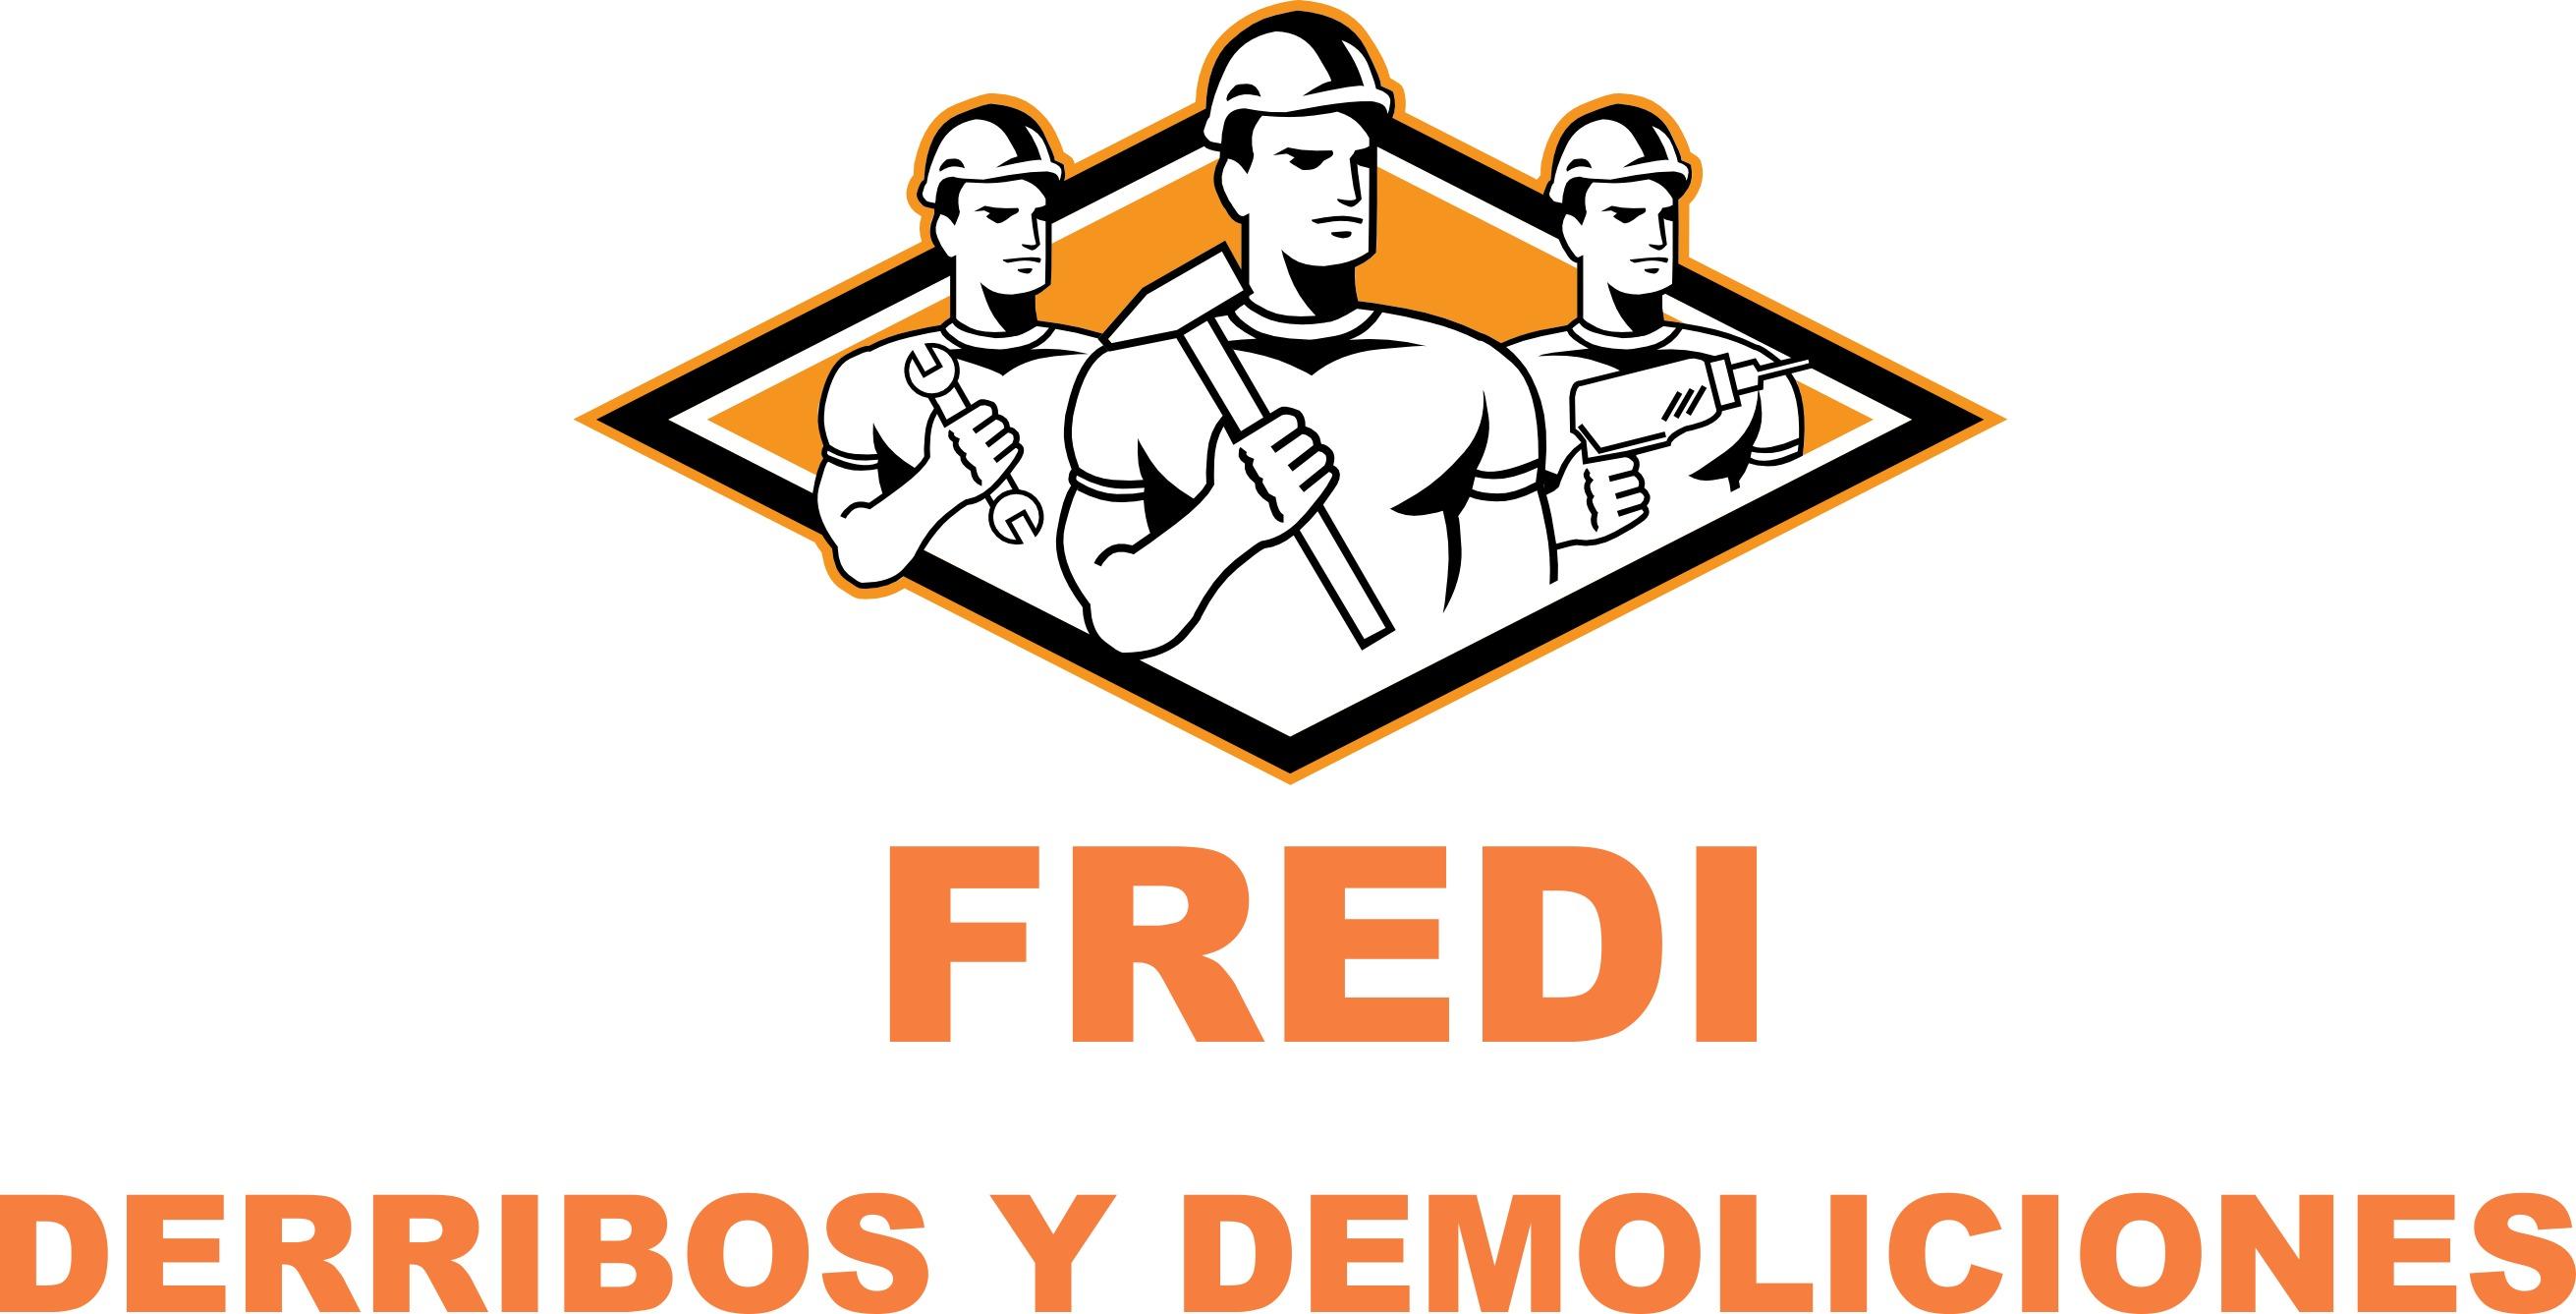 Fredi Derribos Y Demoliciones